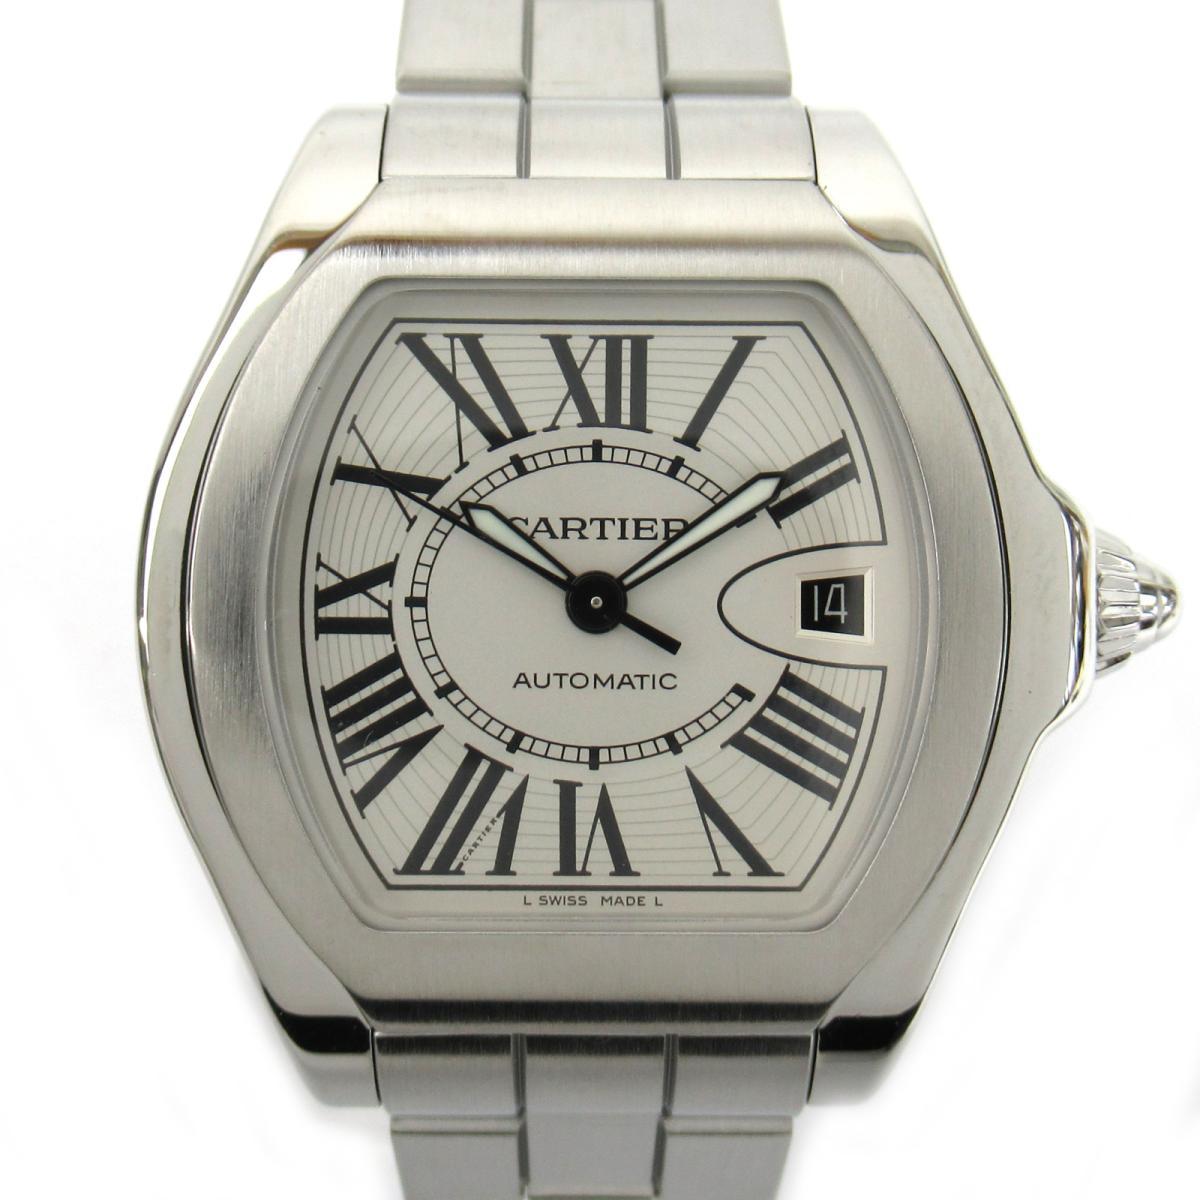 経典 カルティエ ロードスター ウォッチ 腕時計 時計 メンズ ステンレススチール (SS) (W6206017) 【】 | Cartier BRANDOFF ブランドオフ ブランド ブランド時計 ブランド腕時計, BURDIGALA PATISSERIE SHOP 87e1d738